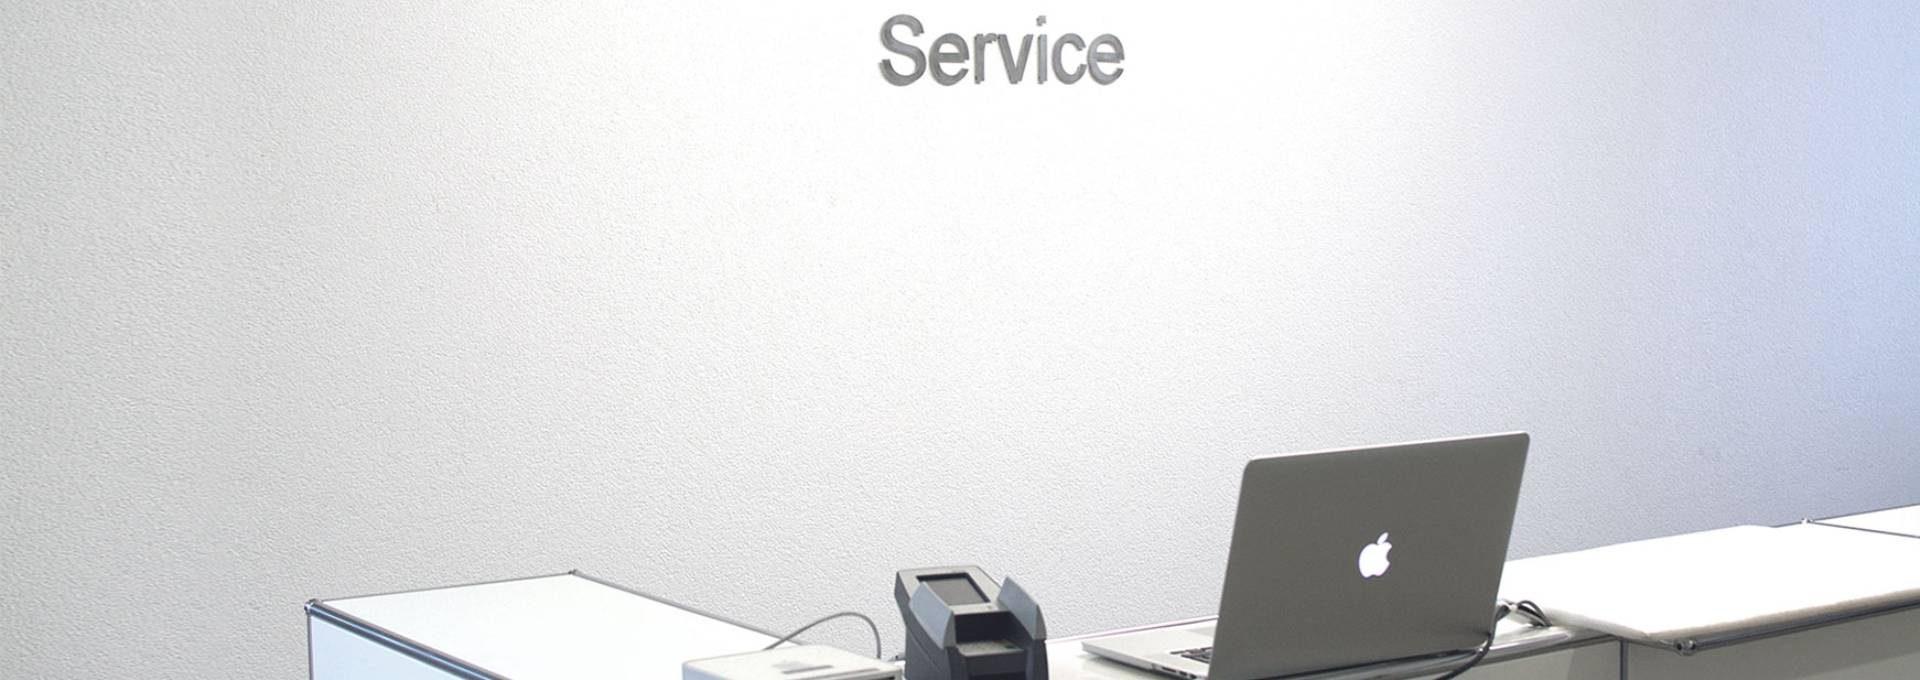 Die Sicht des Kunden, wenn er vor dem Service Desk von DQ Solutions steht.